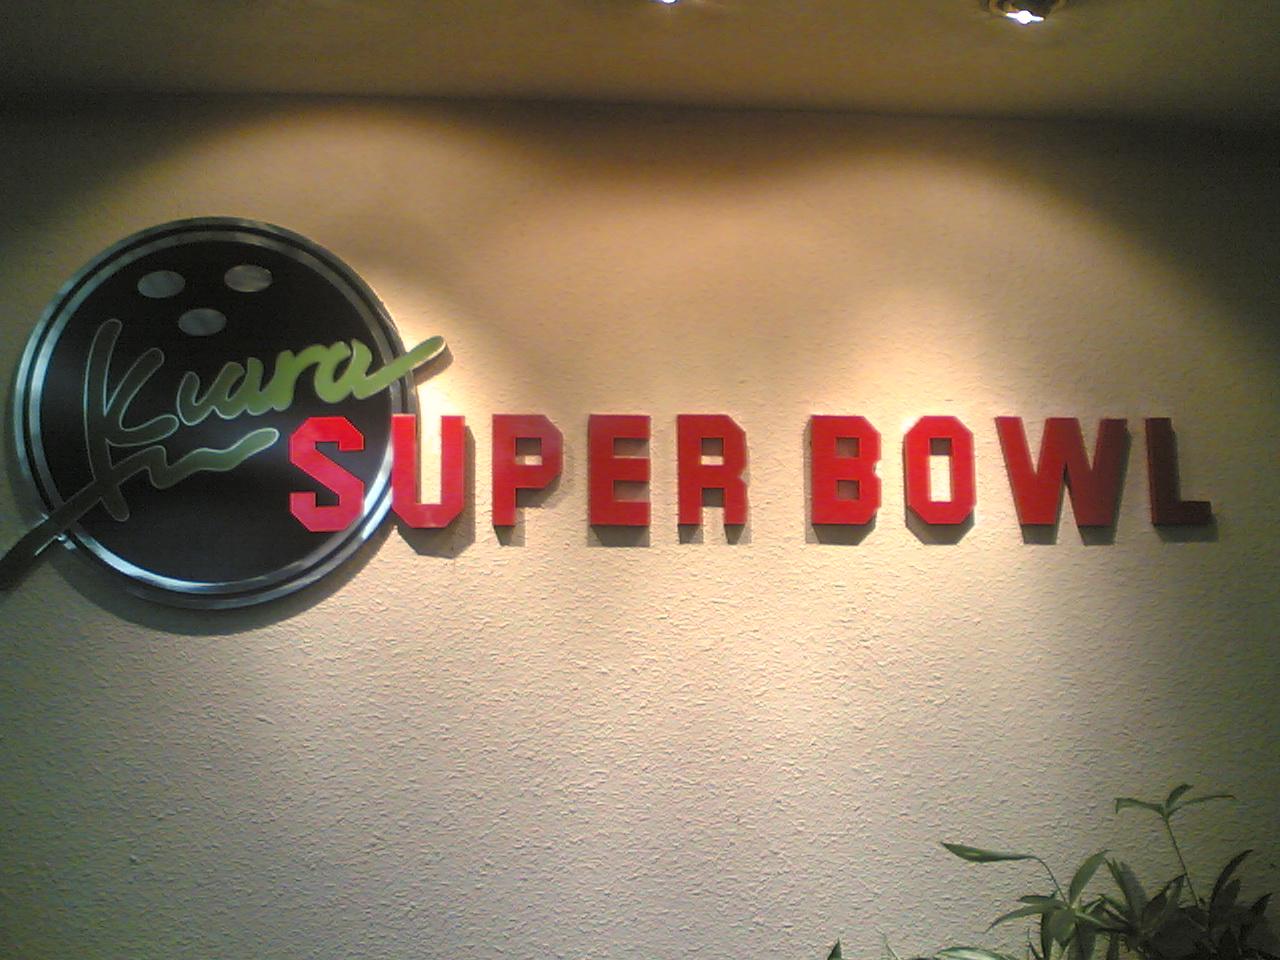 Kiara Super Bowl